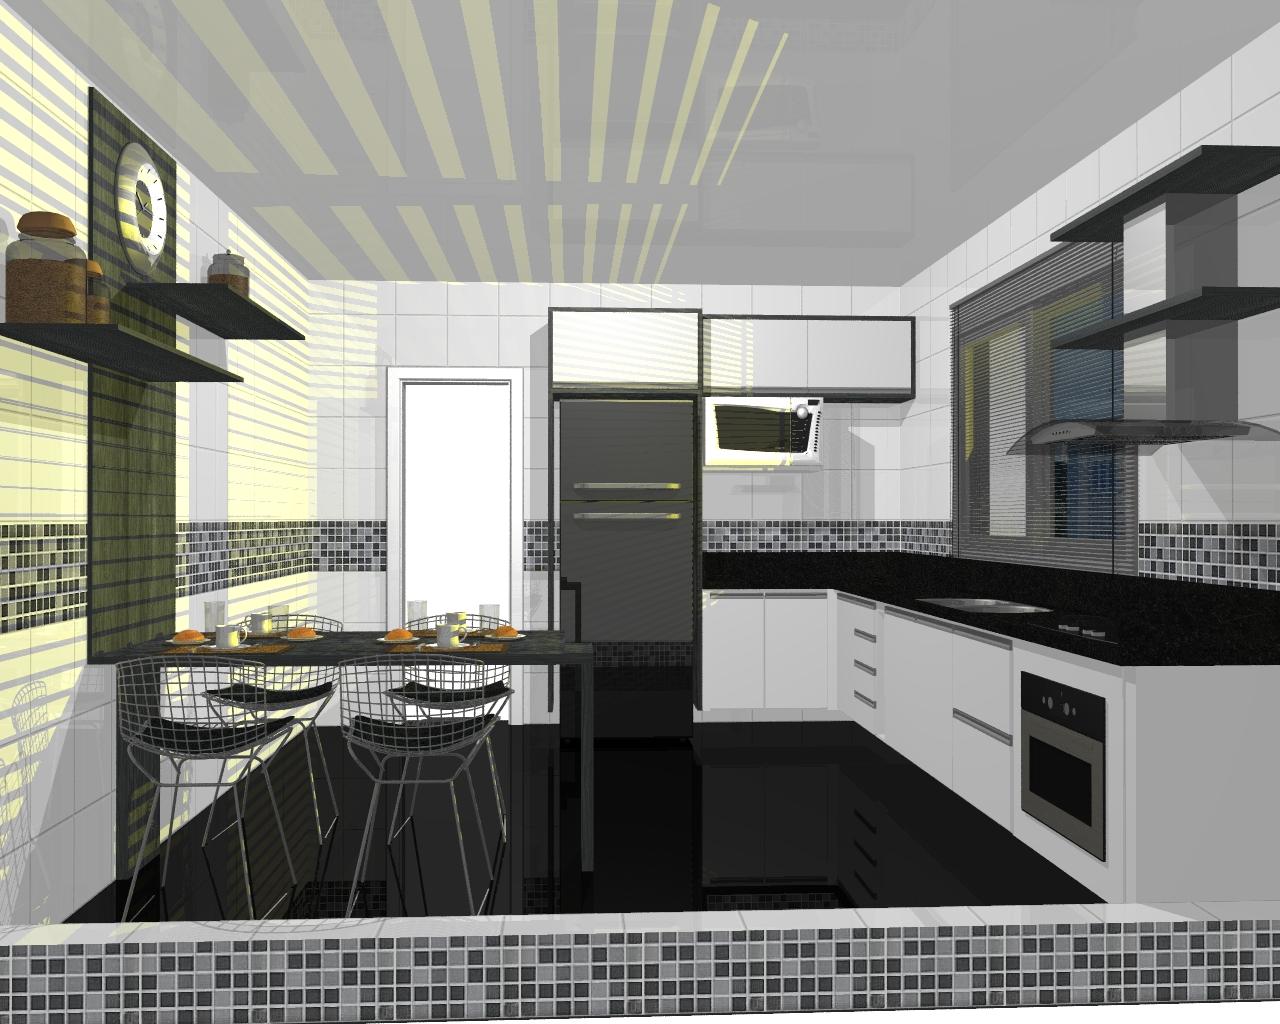 #604C2E Cozinha com uma visão mais moderna com gavetões torre e ilha. 1280x1024 px Projetos De Cozinhas Planejadas Italinea #709 imagens